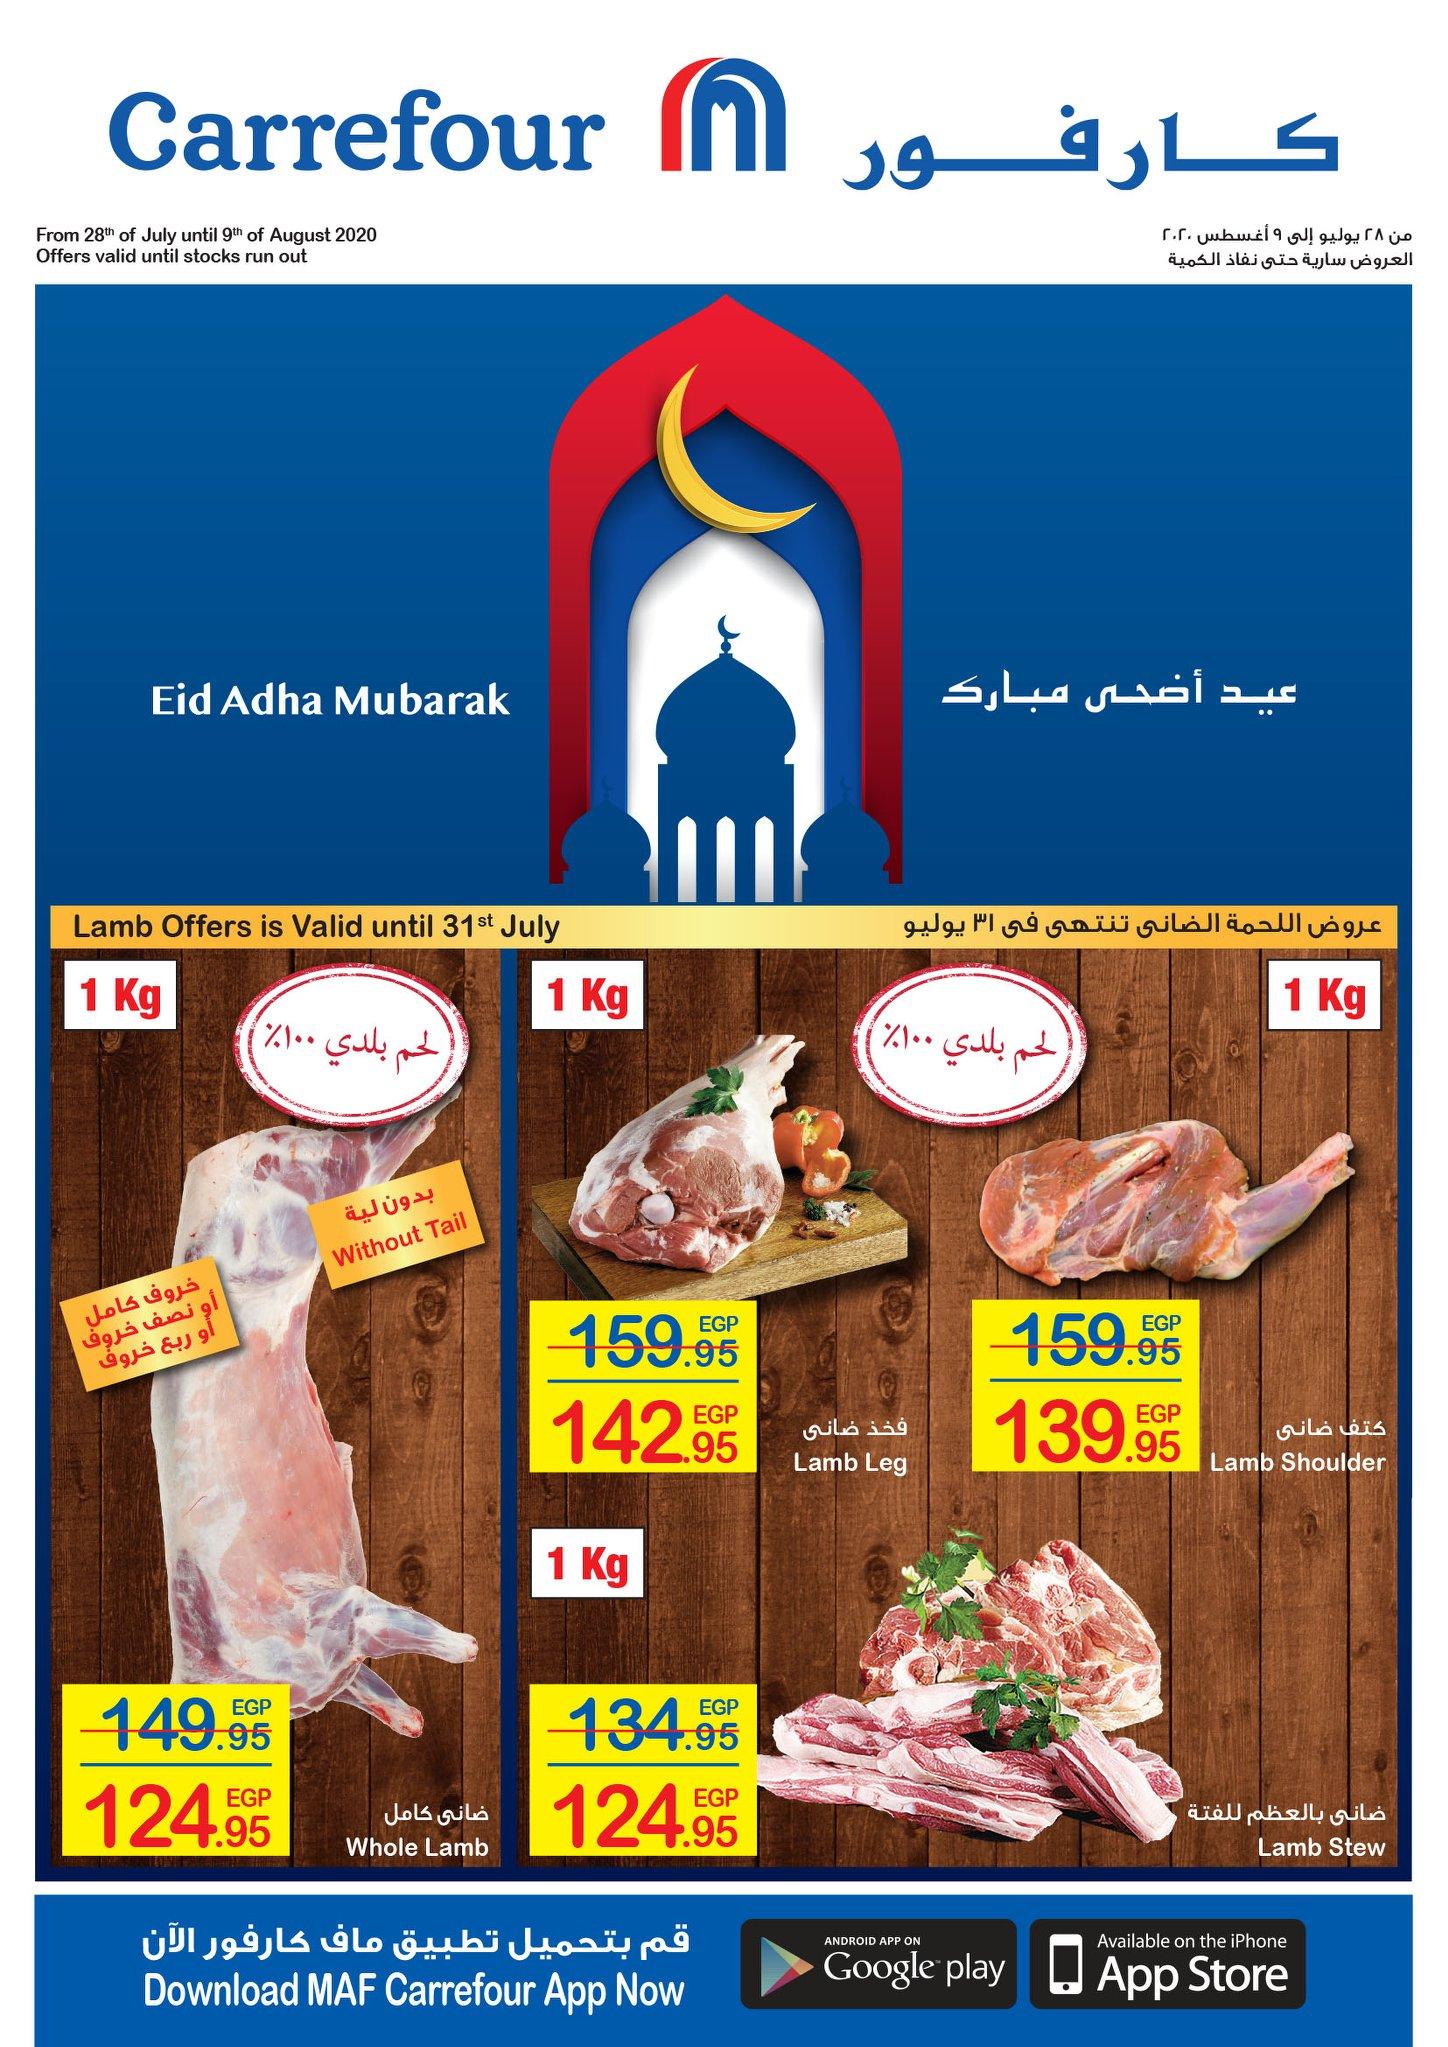 عروض كارفور مصر اليوم علي اللحوم والدواجن والأسماك